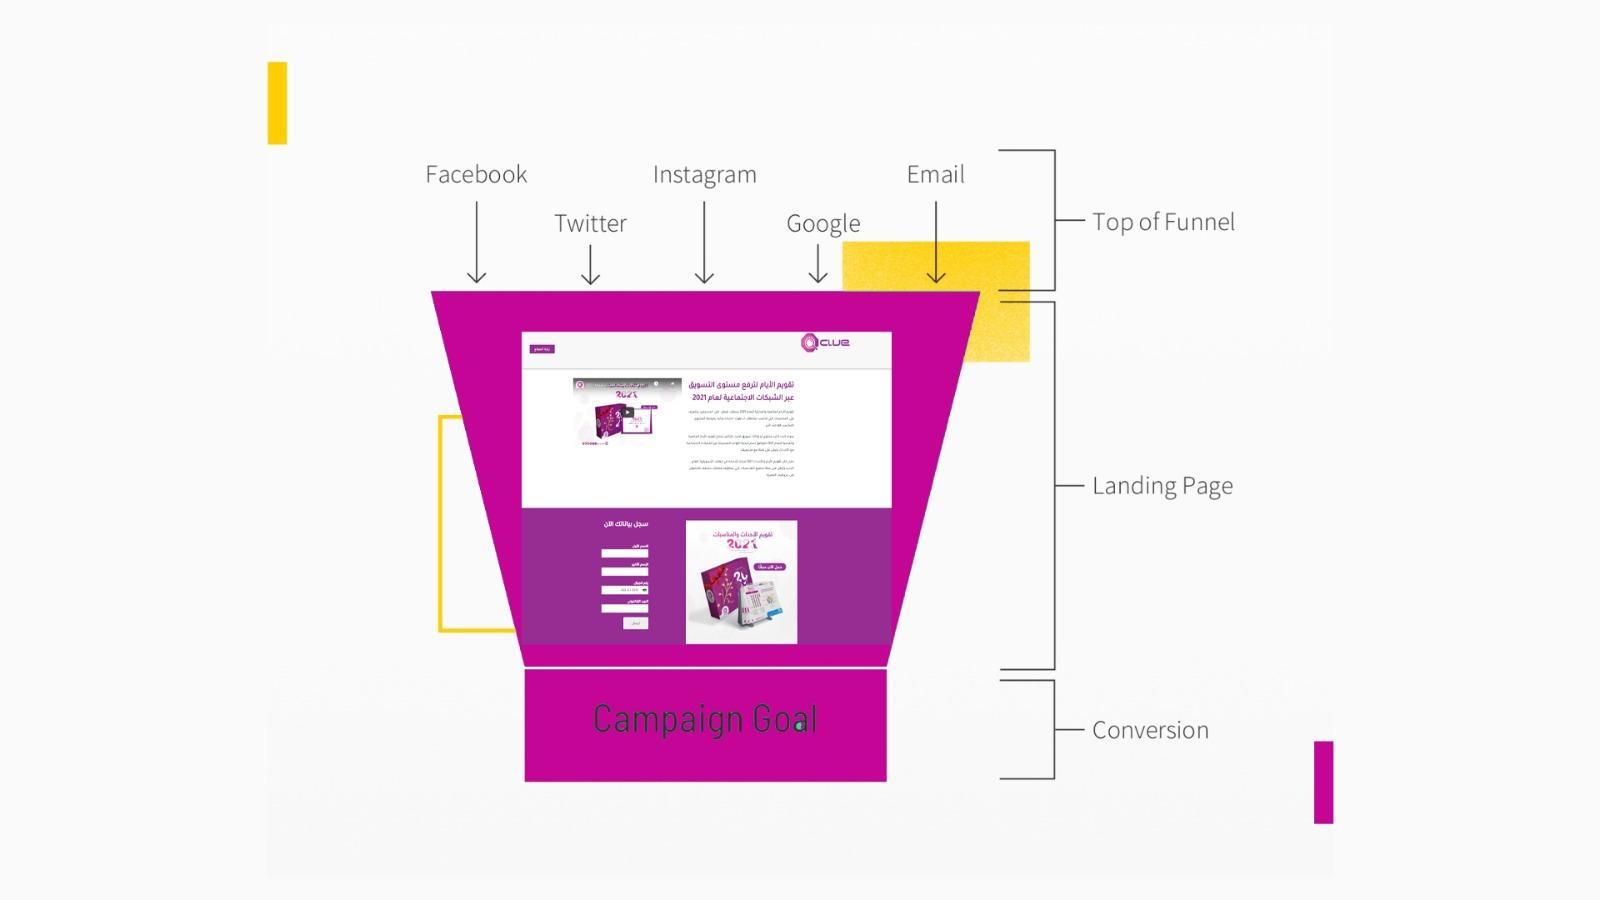 شرح للعمليات قبل صفحة الهبوط